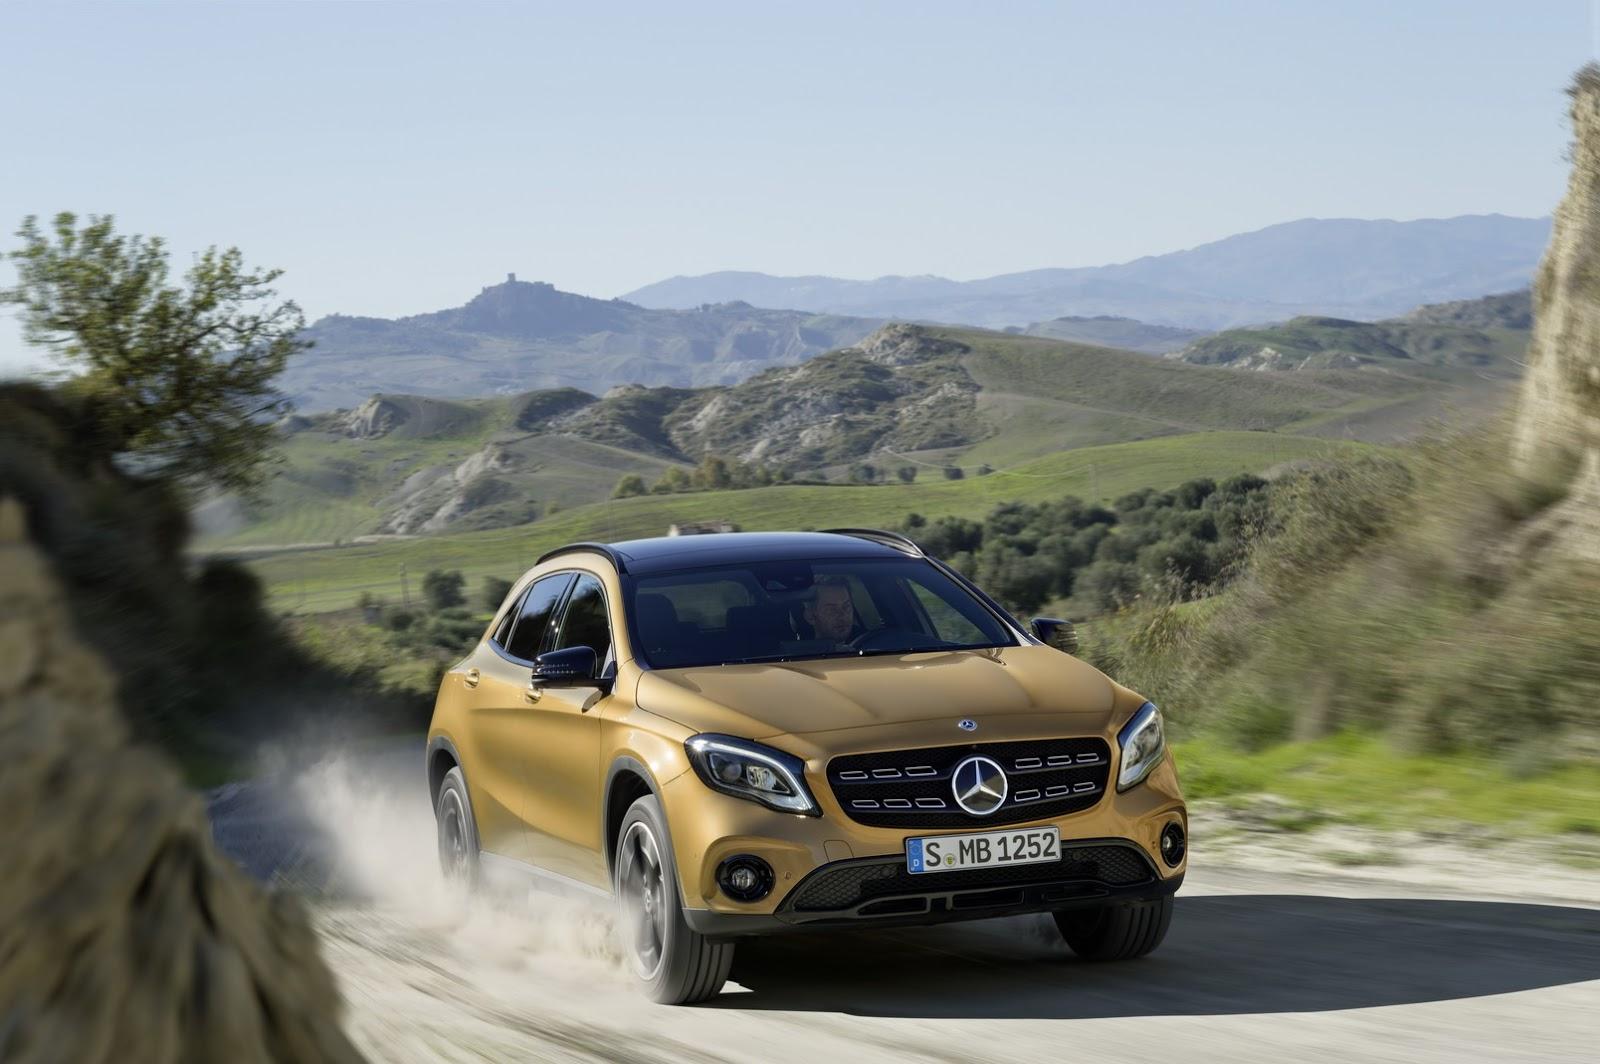 Mercedes GLA facelift and GLA 45 AMG facelift 2017 (38)